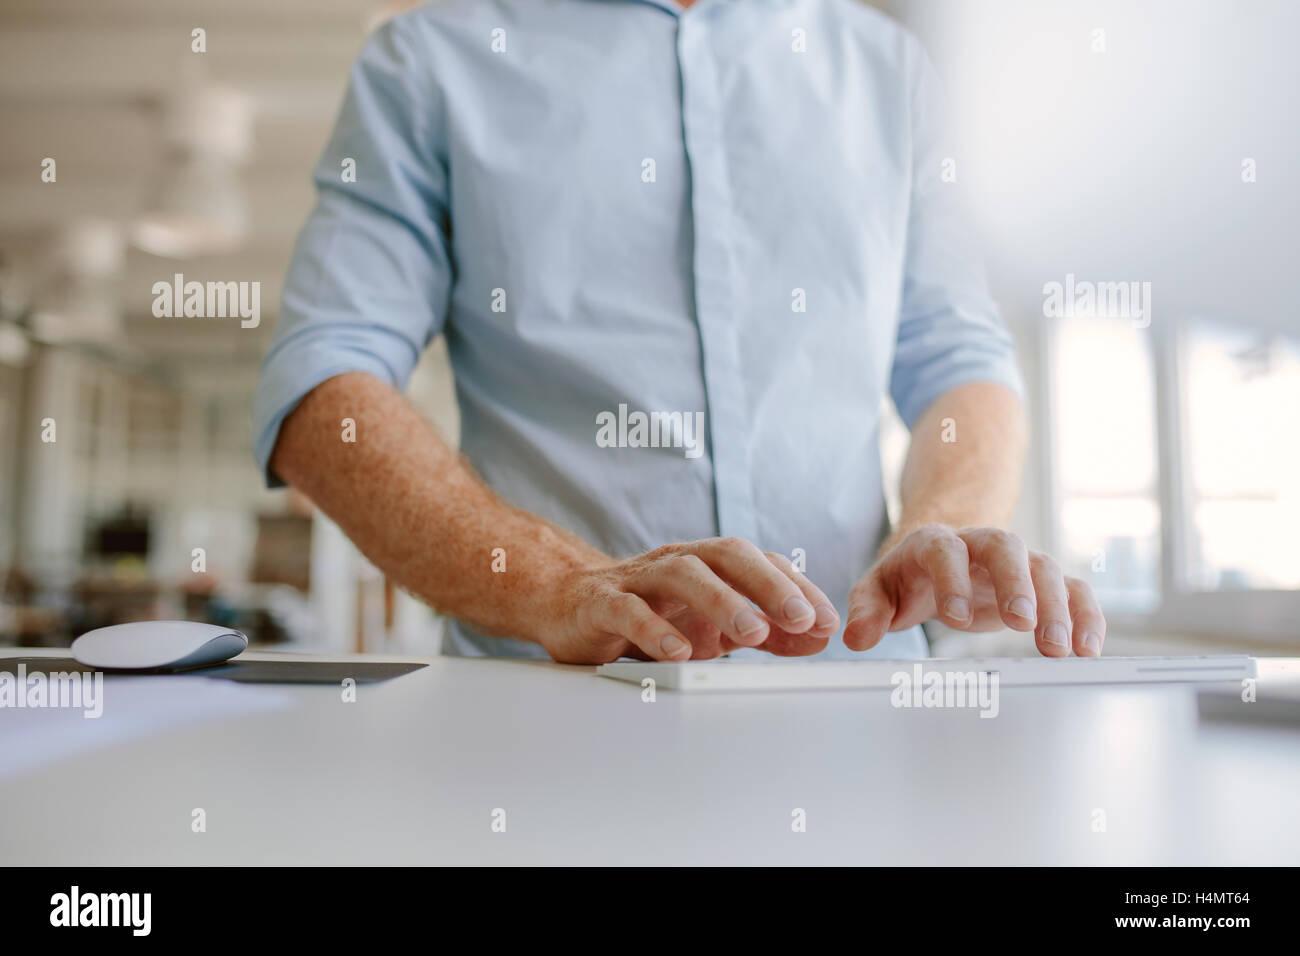 Close up di imprenditore mani digitando sulla tastiera del computer. Ritagliato shot giovane uomo che lavora sul Immagini Stock